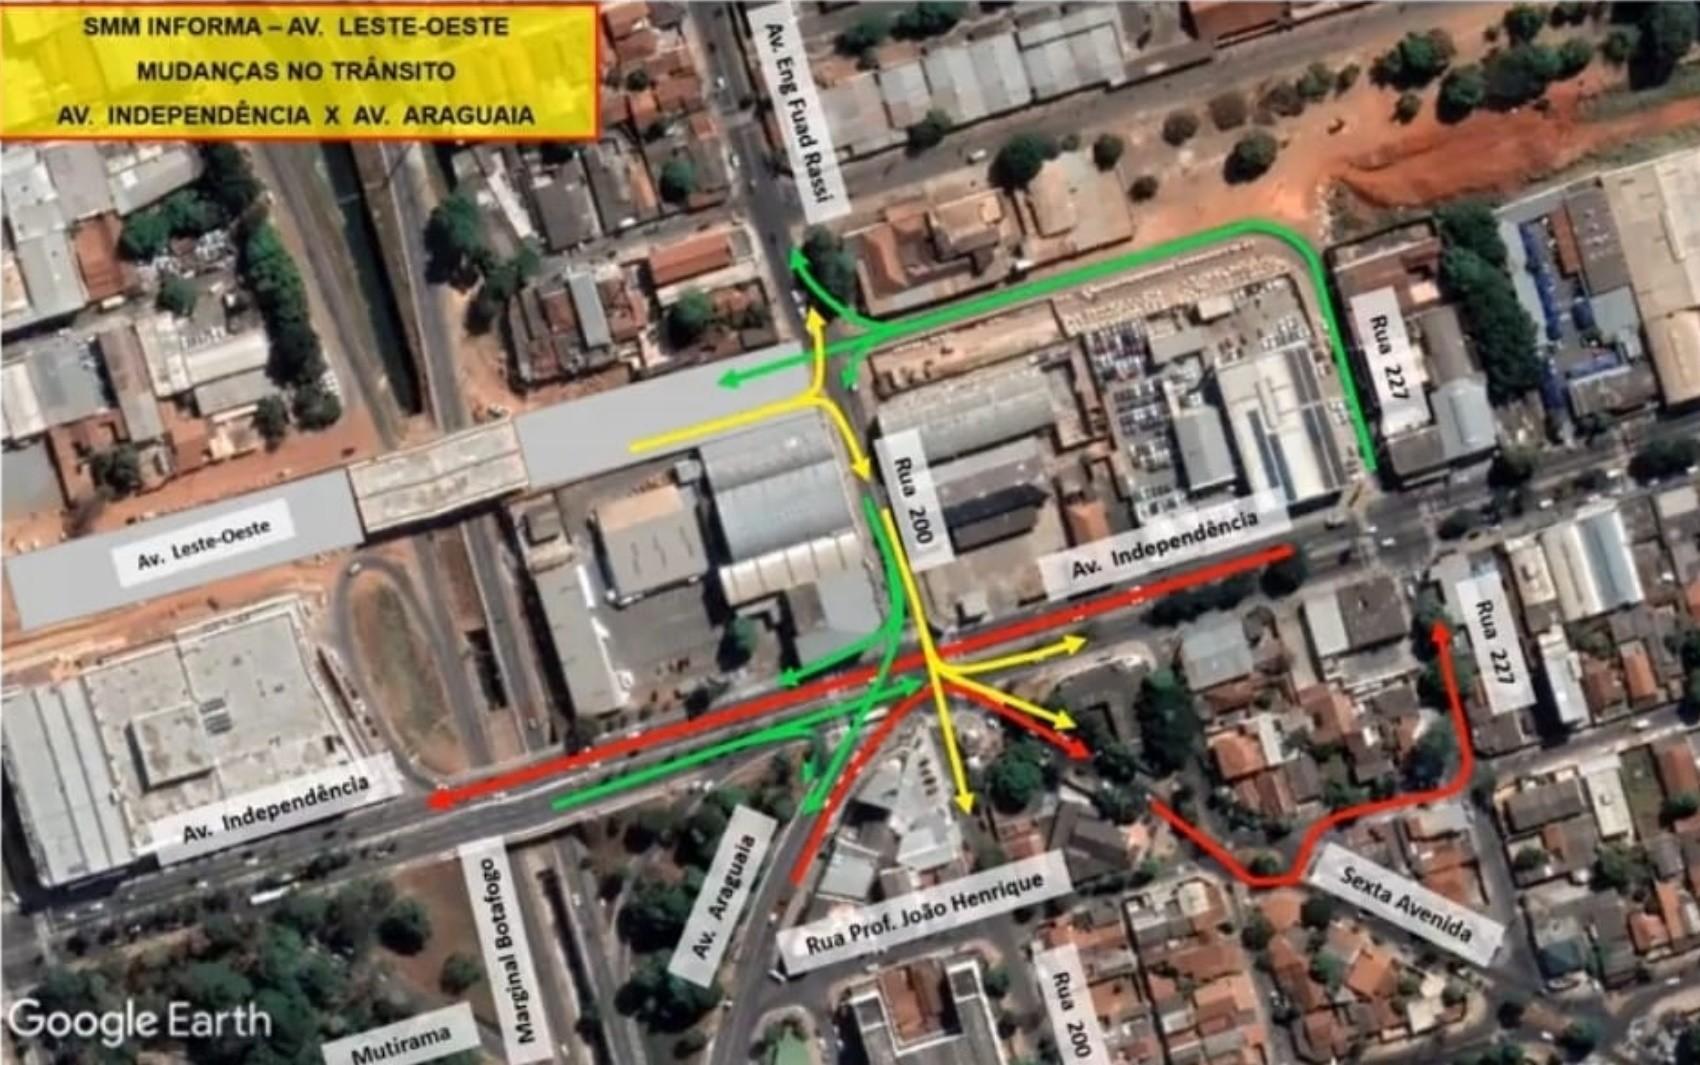 Prefeitura inaugura trecho da Avenida Leste Oeste e viaduto na região da 44 em Goiânia; veja mudanças no trânsito